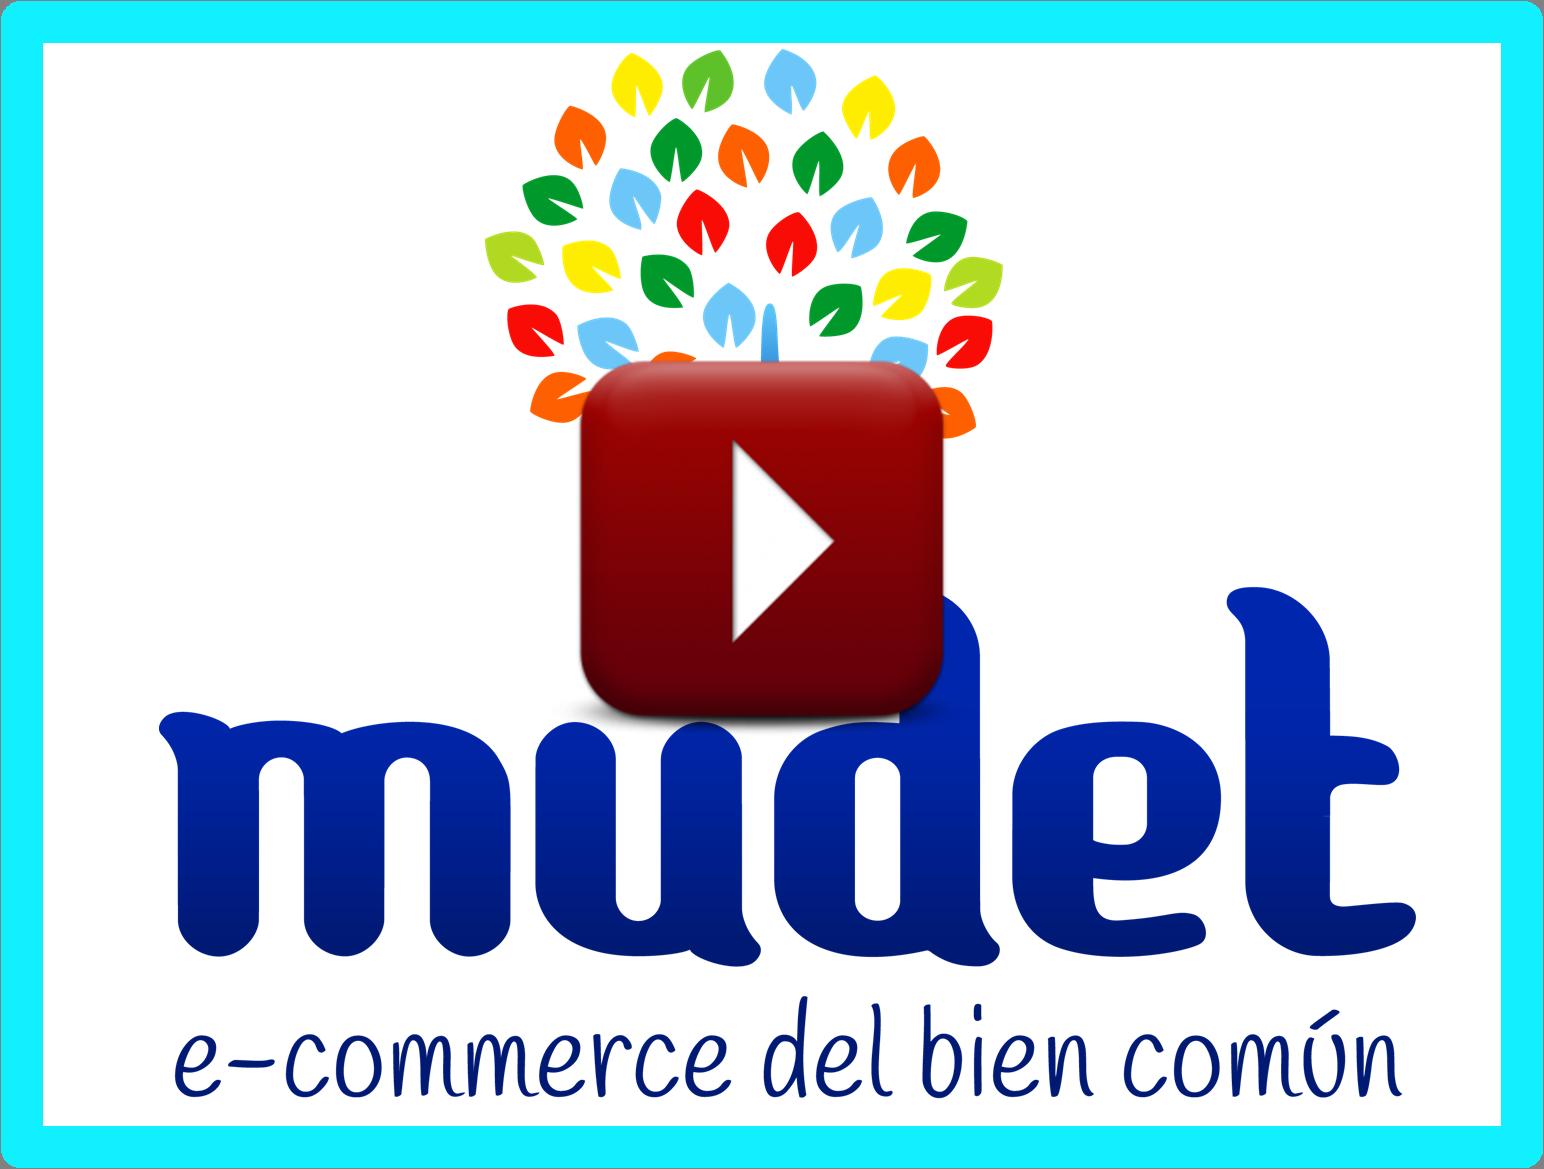 Mudet es el e-commerce del bien común para compra todo tipo de productos y ademas ganar dinero haciéndolo